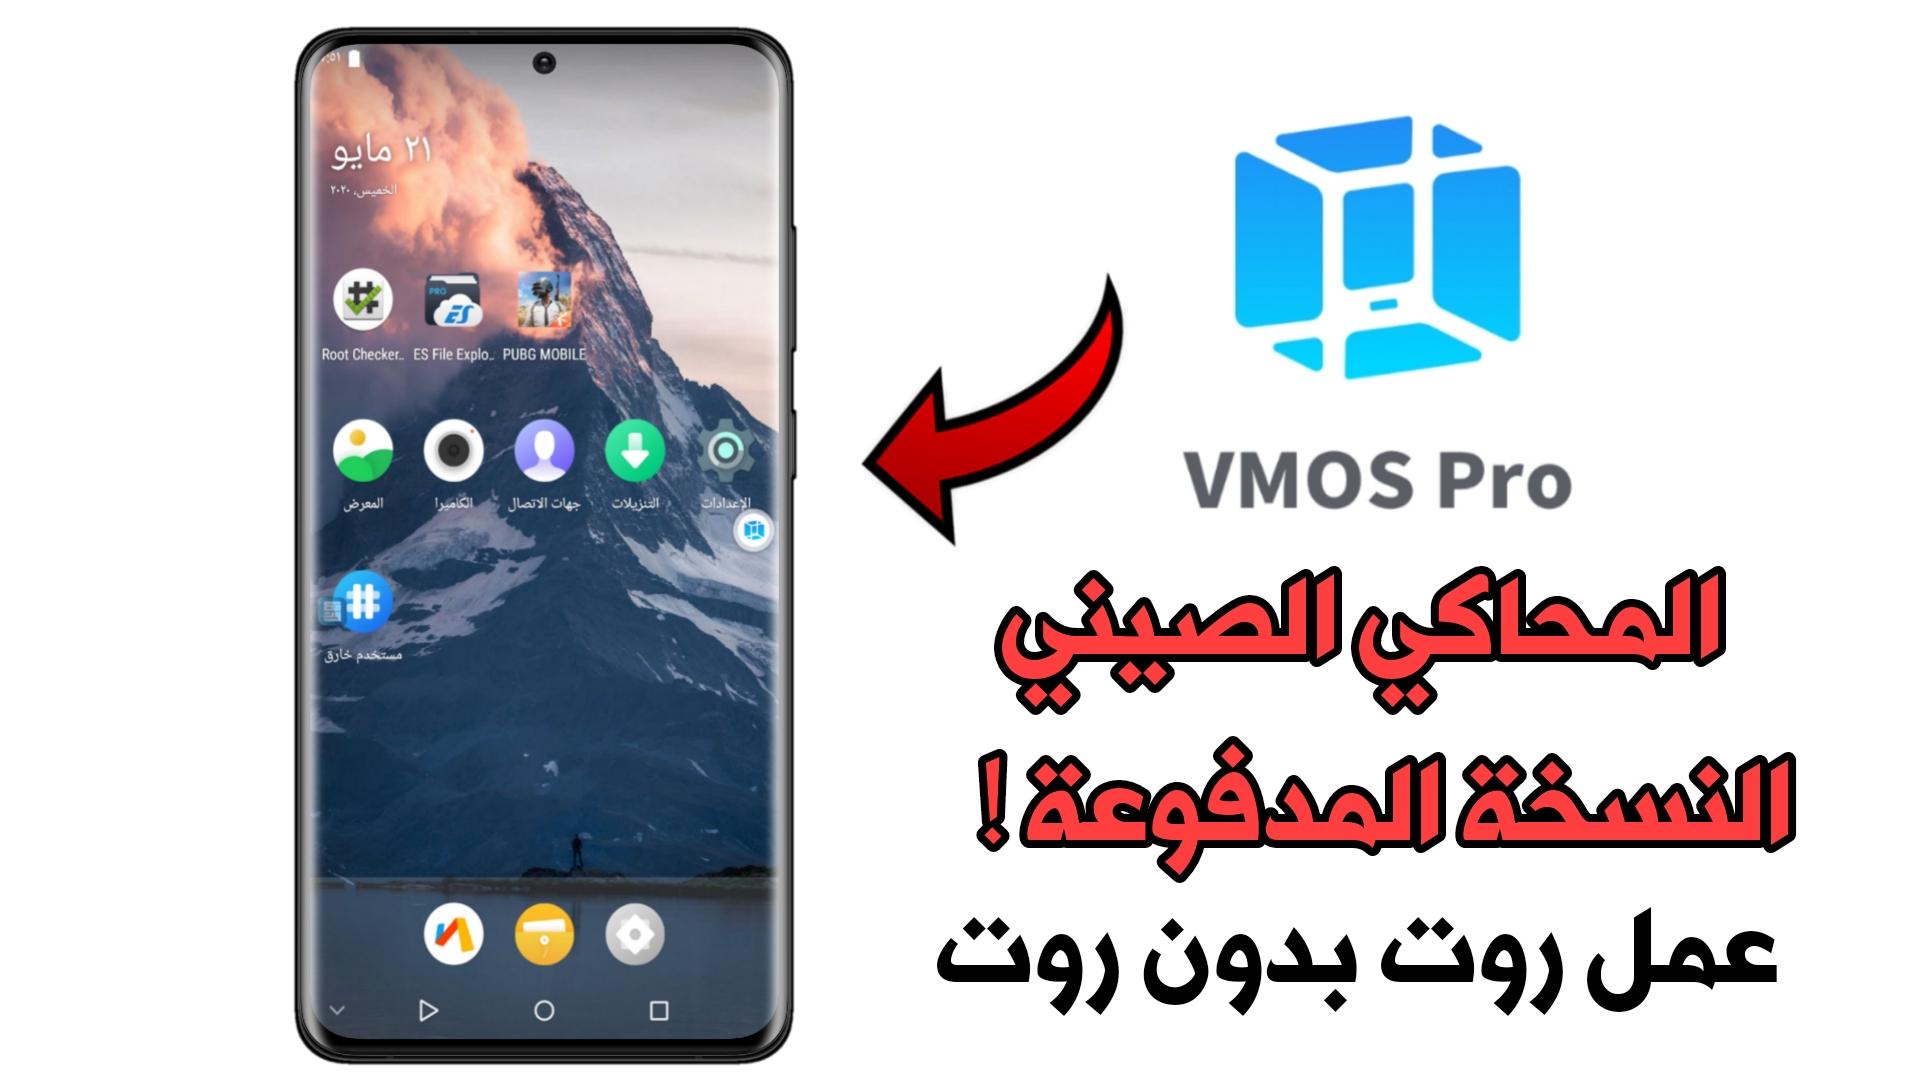 تعرف على طريقة تحميل وتثبيت المحاكي الصيني VMOS Pro النسخة المدفوعة لعمل روت بدون روت !